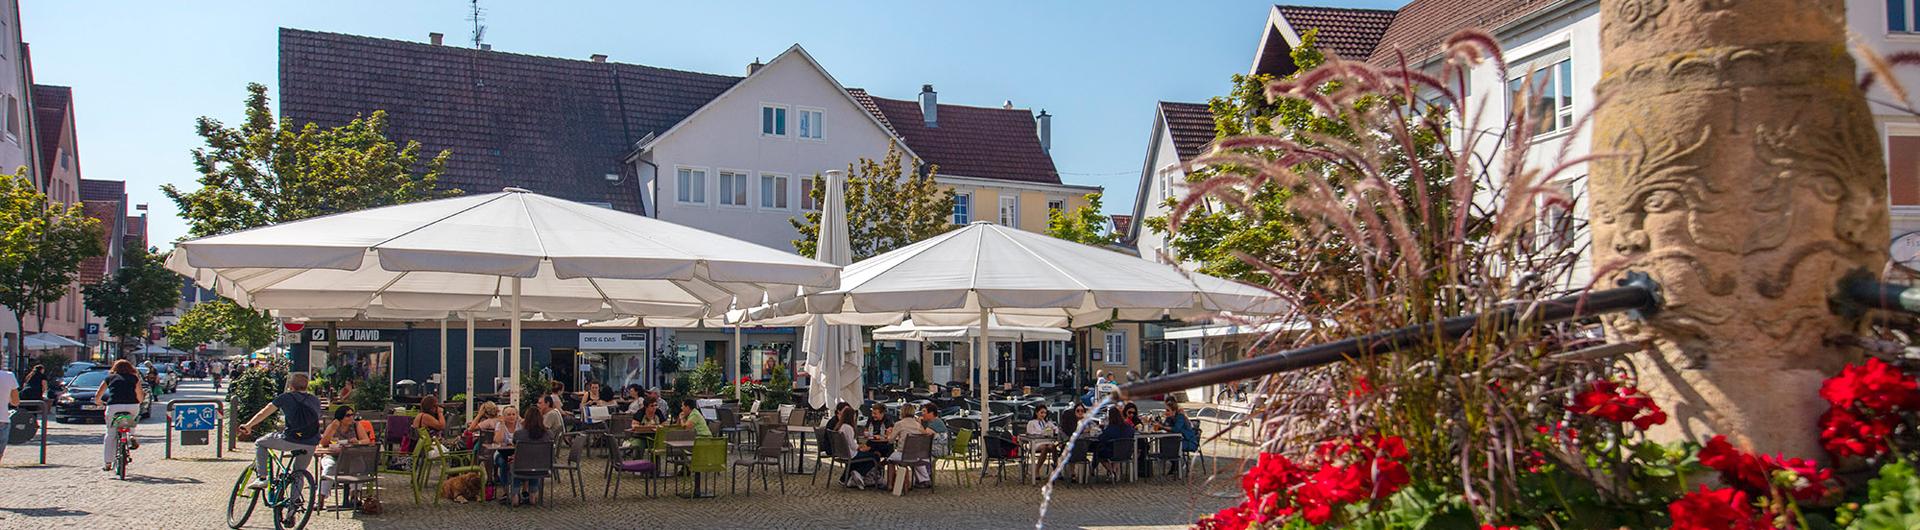 Marktplatz Metzingen